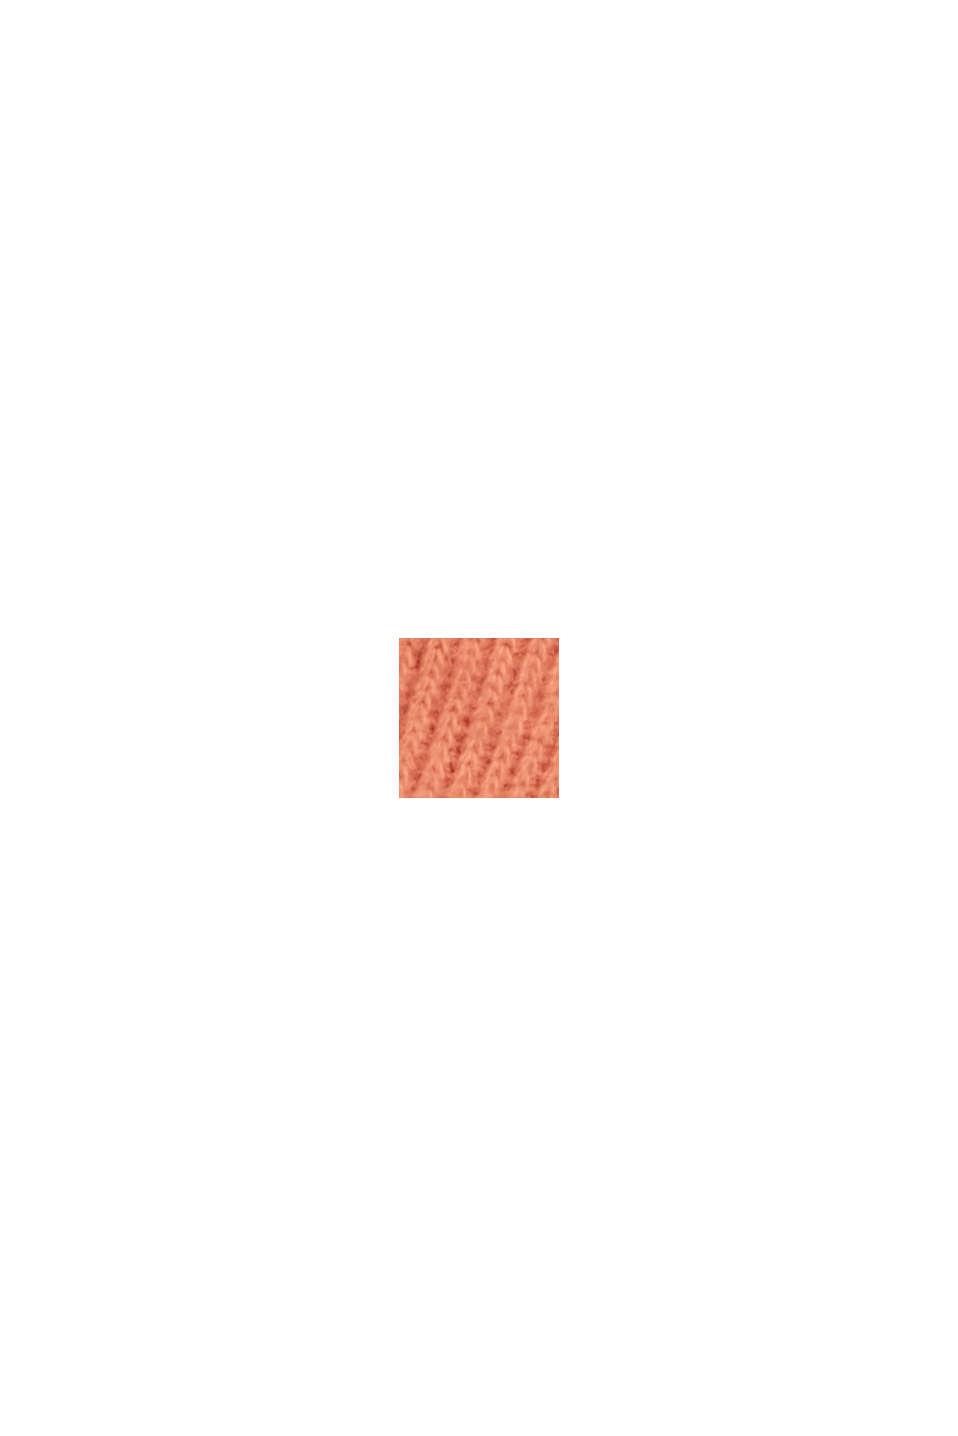 Sweat-shirt en coton biologique mélangé, BLUSH, swatch